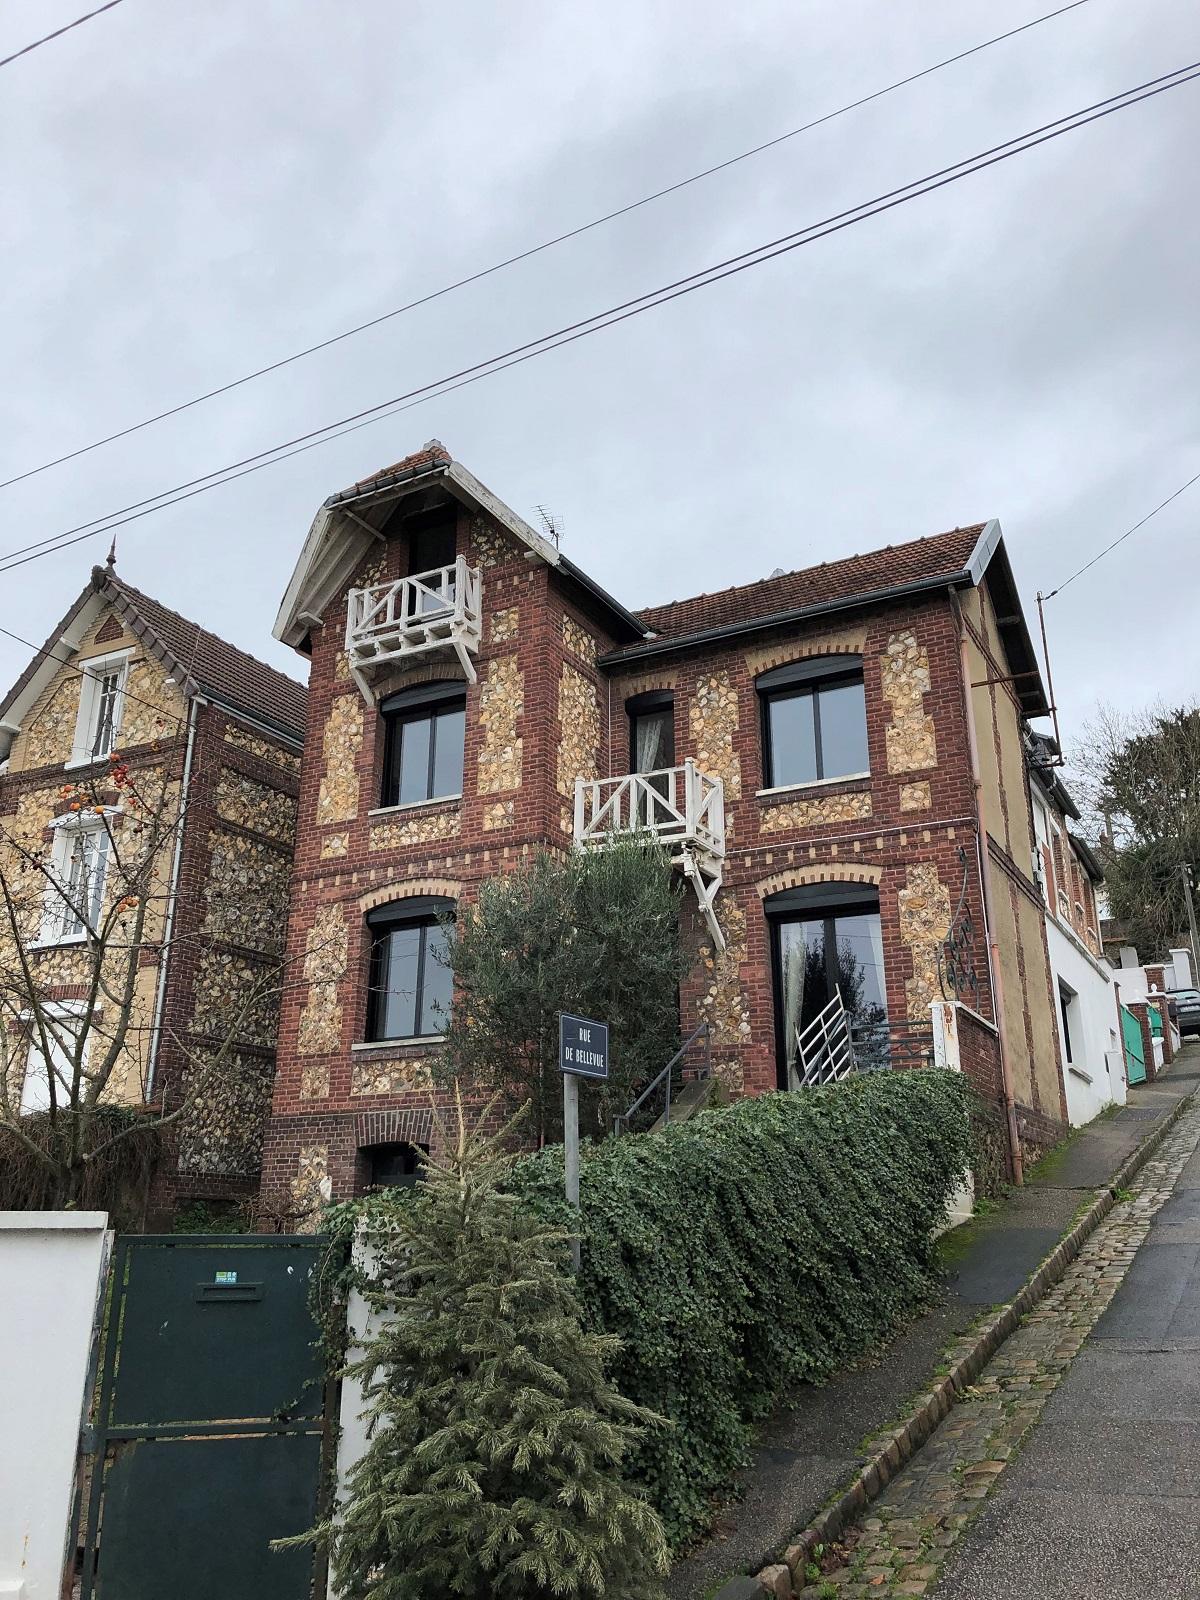 Rénovation de fenêtres sur maison ancienne de Rouen